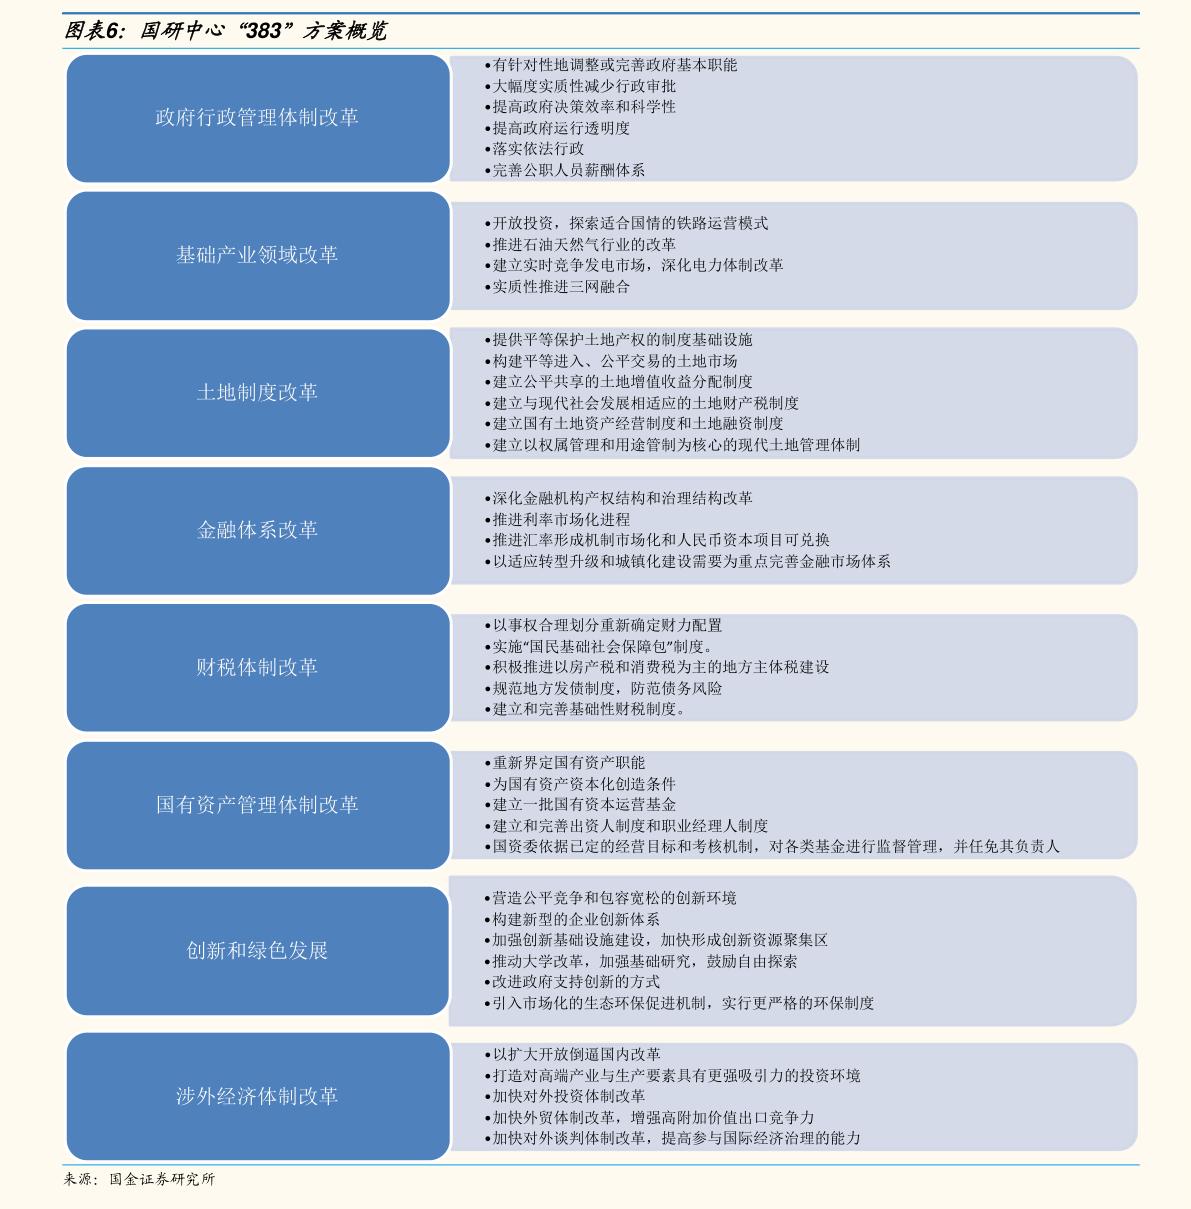 中国结算网站查询股票账户(查询股票账户信息)